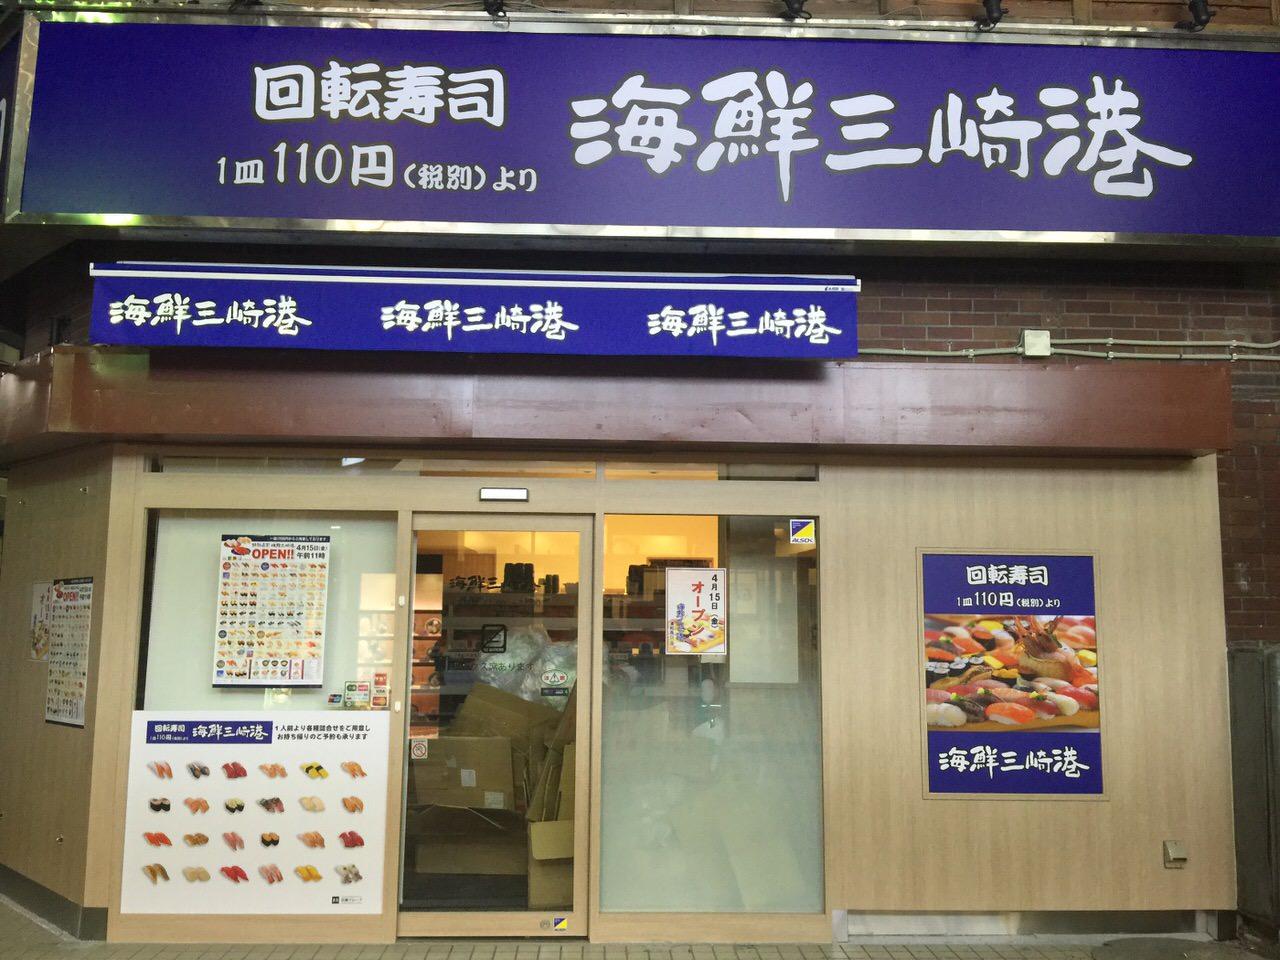 回転寿司「海鮮三崎港」浦和のイトーヨーカドー前に2016年4月15日にオープン